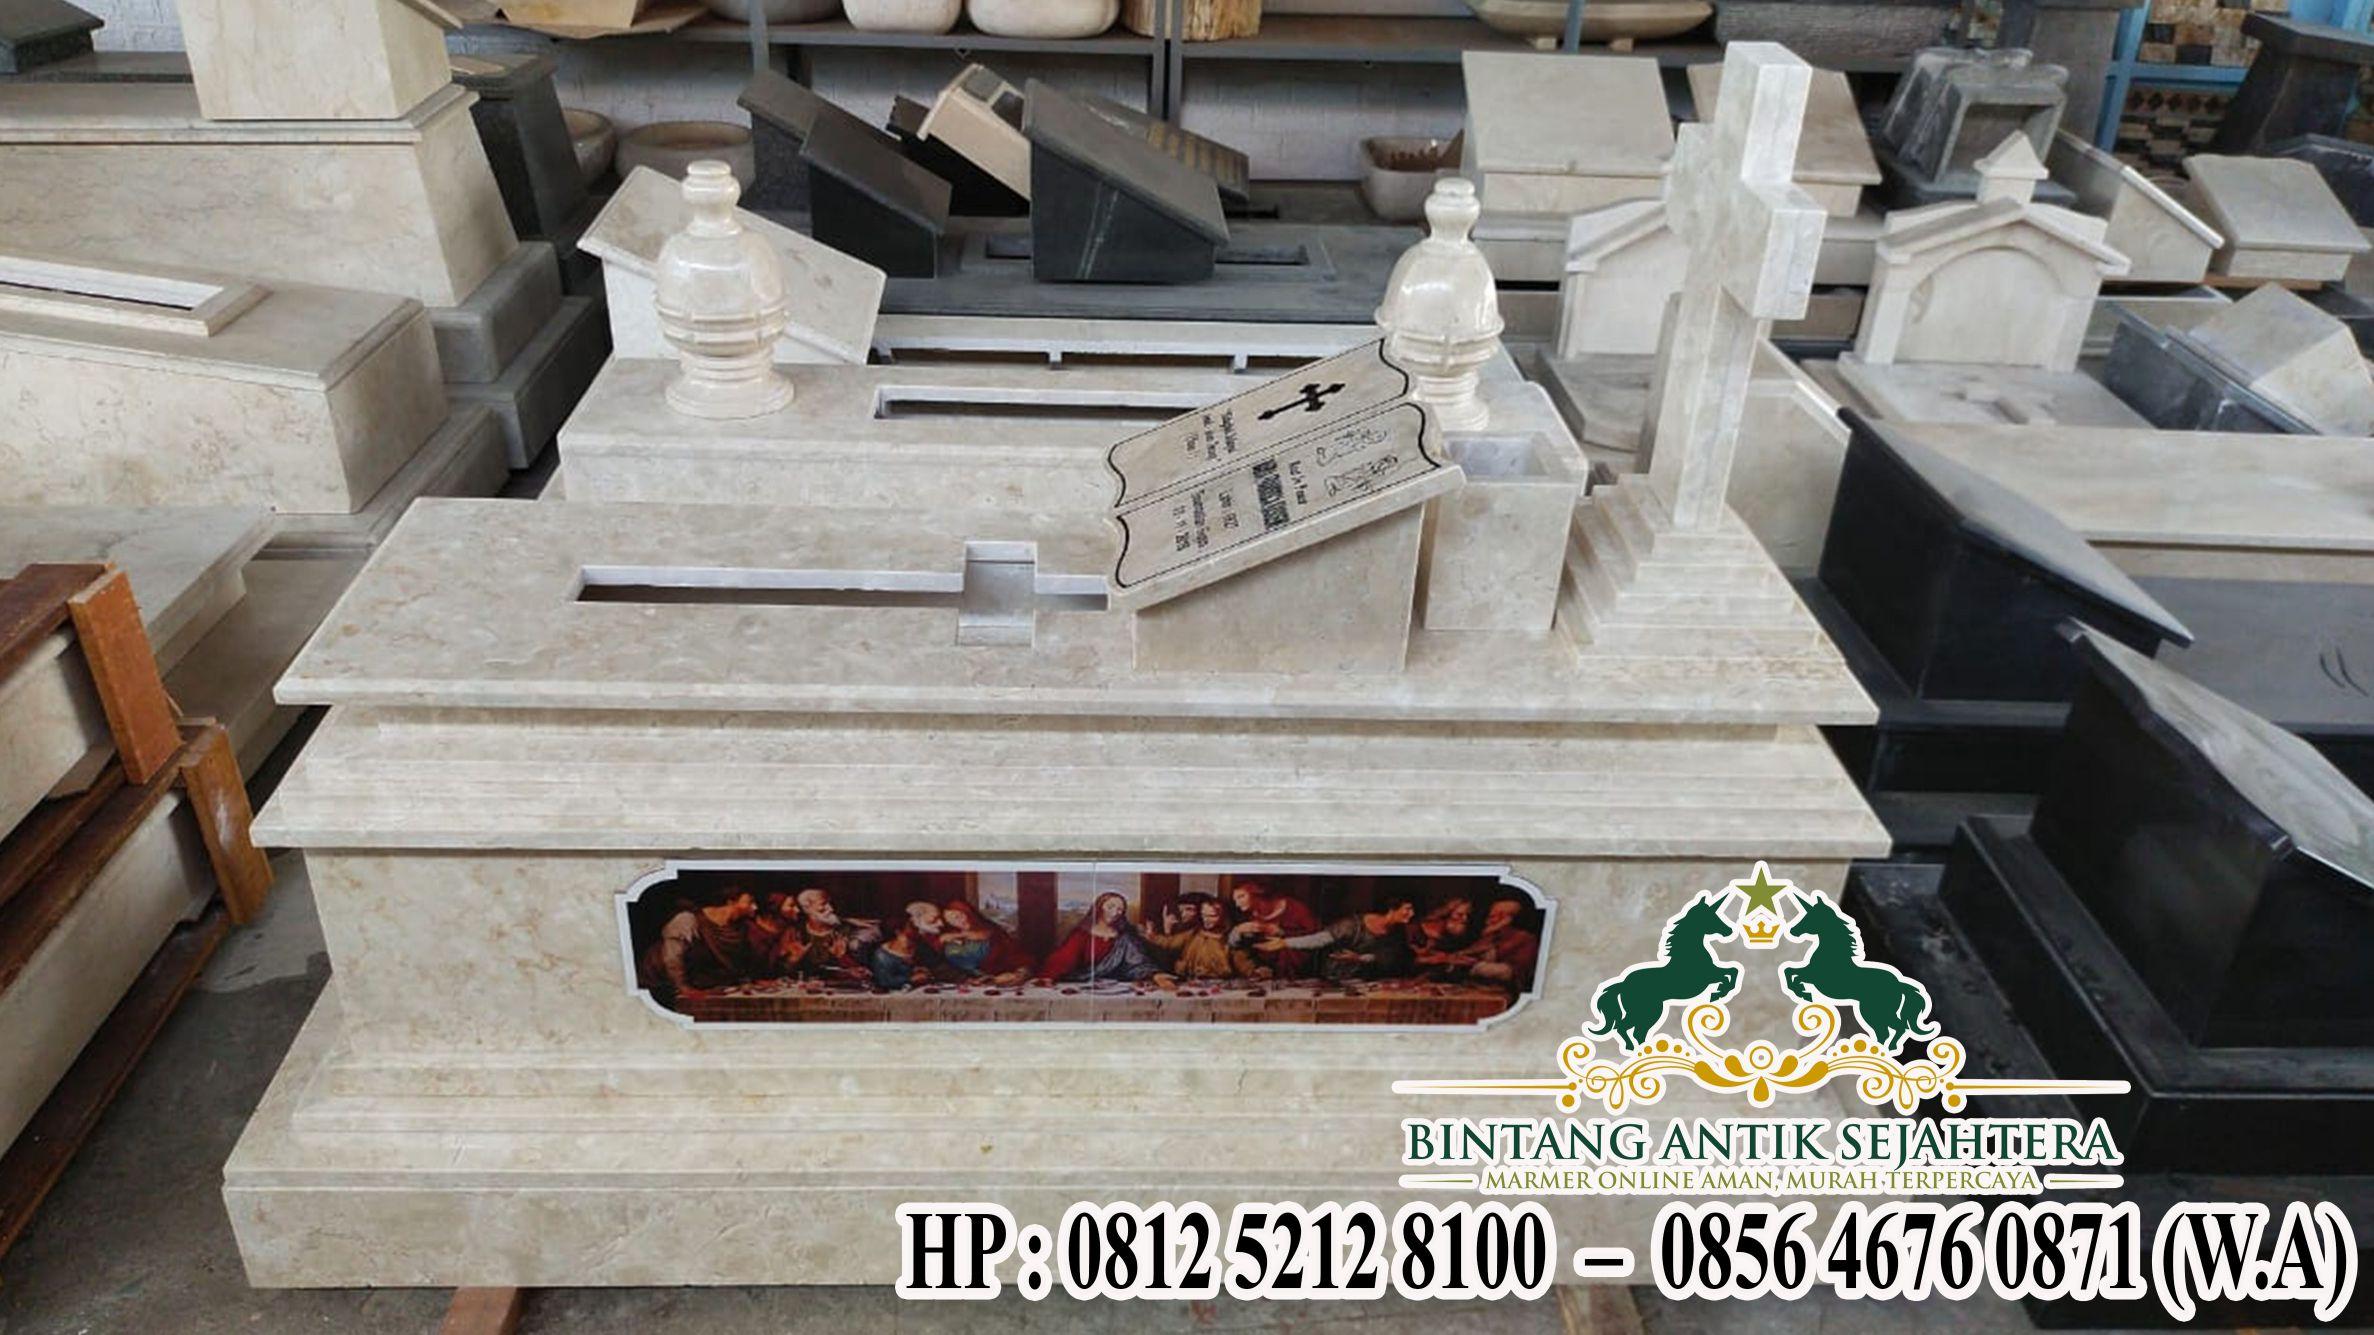 Makam Mamer dengan Perjamuan   Sentral Pengrajin Makam